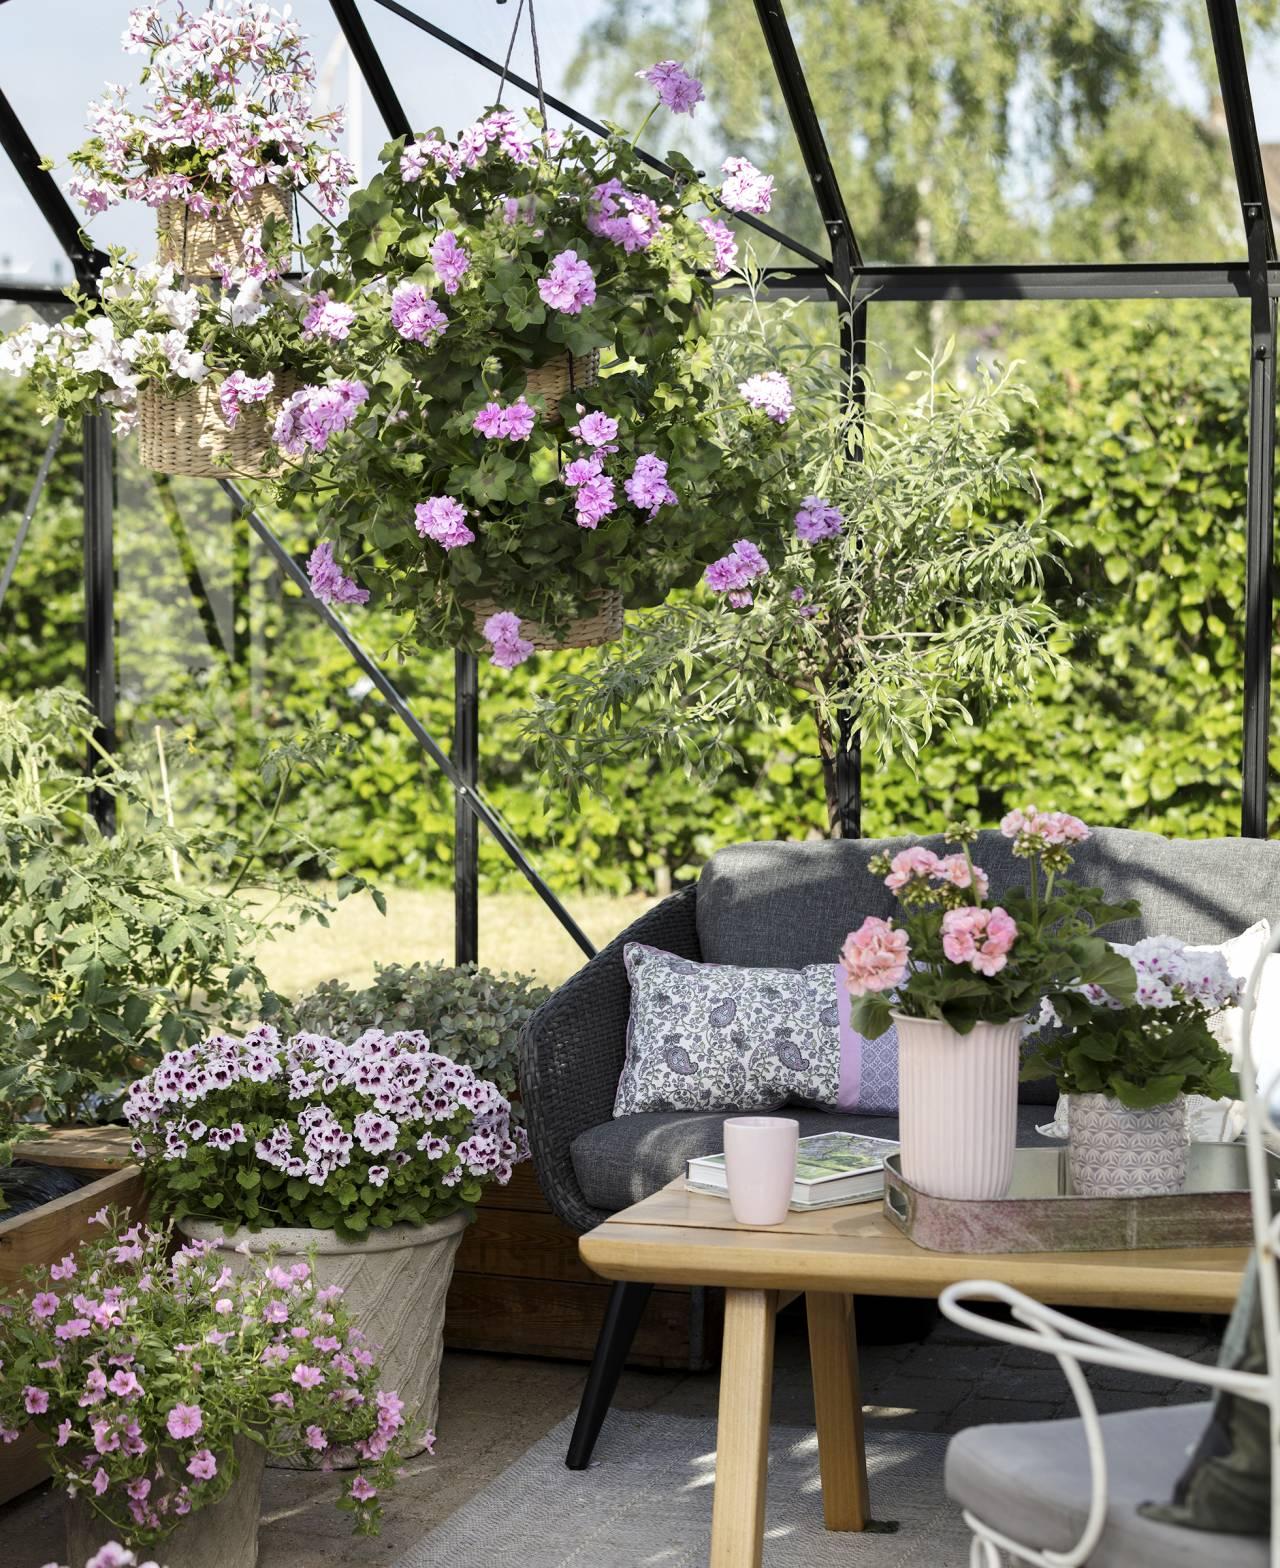 Vackert uterum med massor av blommor